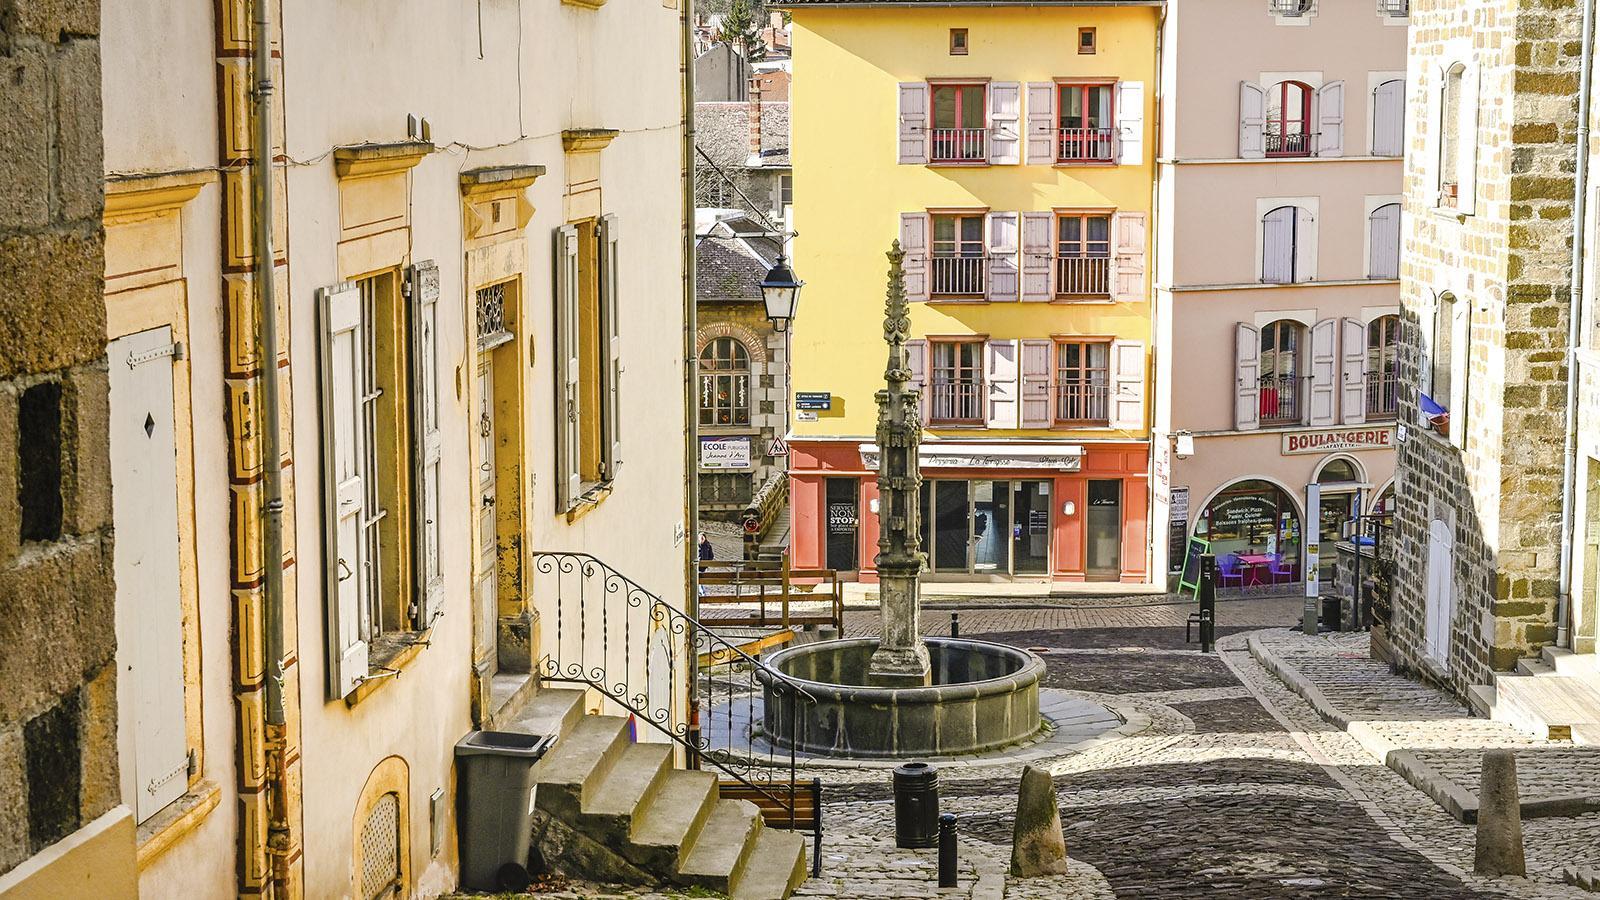 Le Puy-en-Velay: die Place des Tables mit ihrem Brunnen. Foto: Hilke Maunder